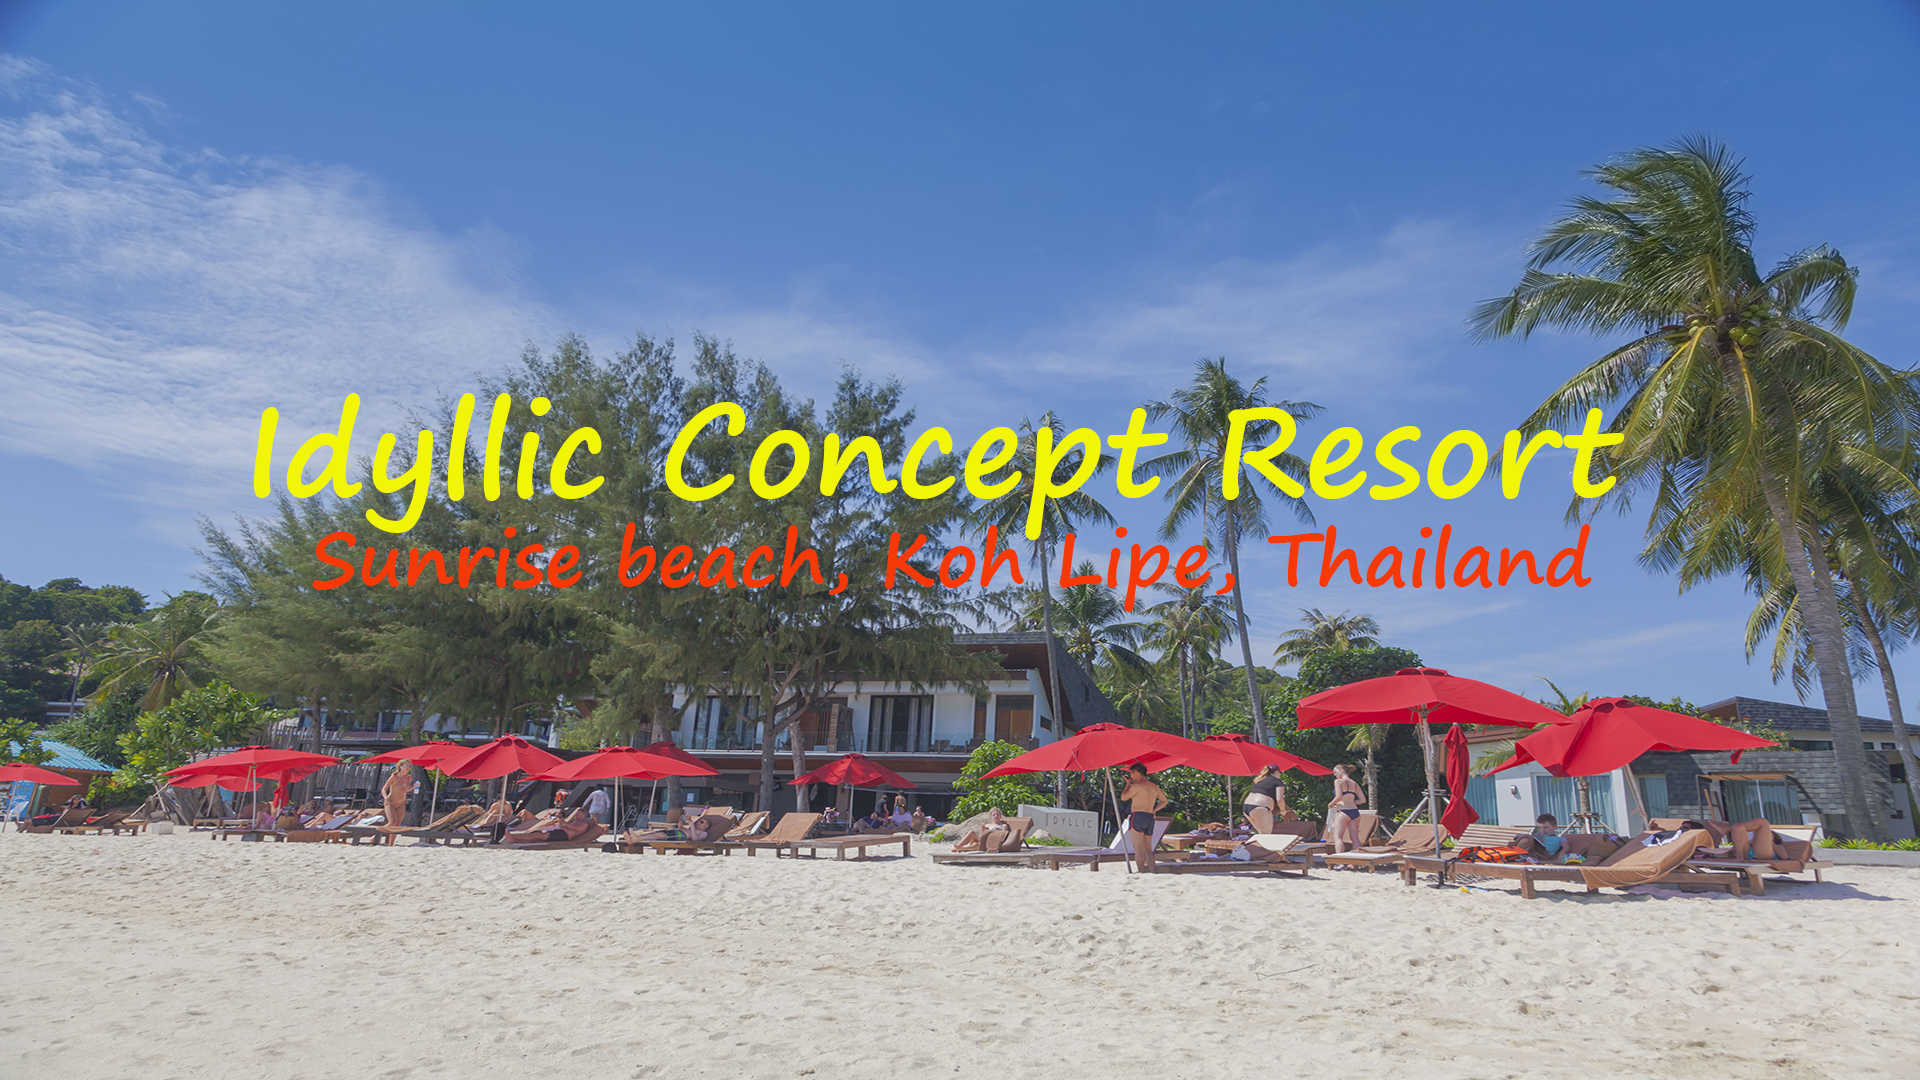 Видео обзор территории и пляжа Idyllic Concept Resort